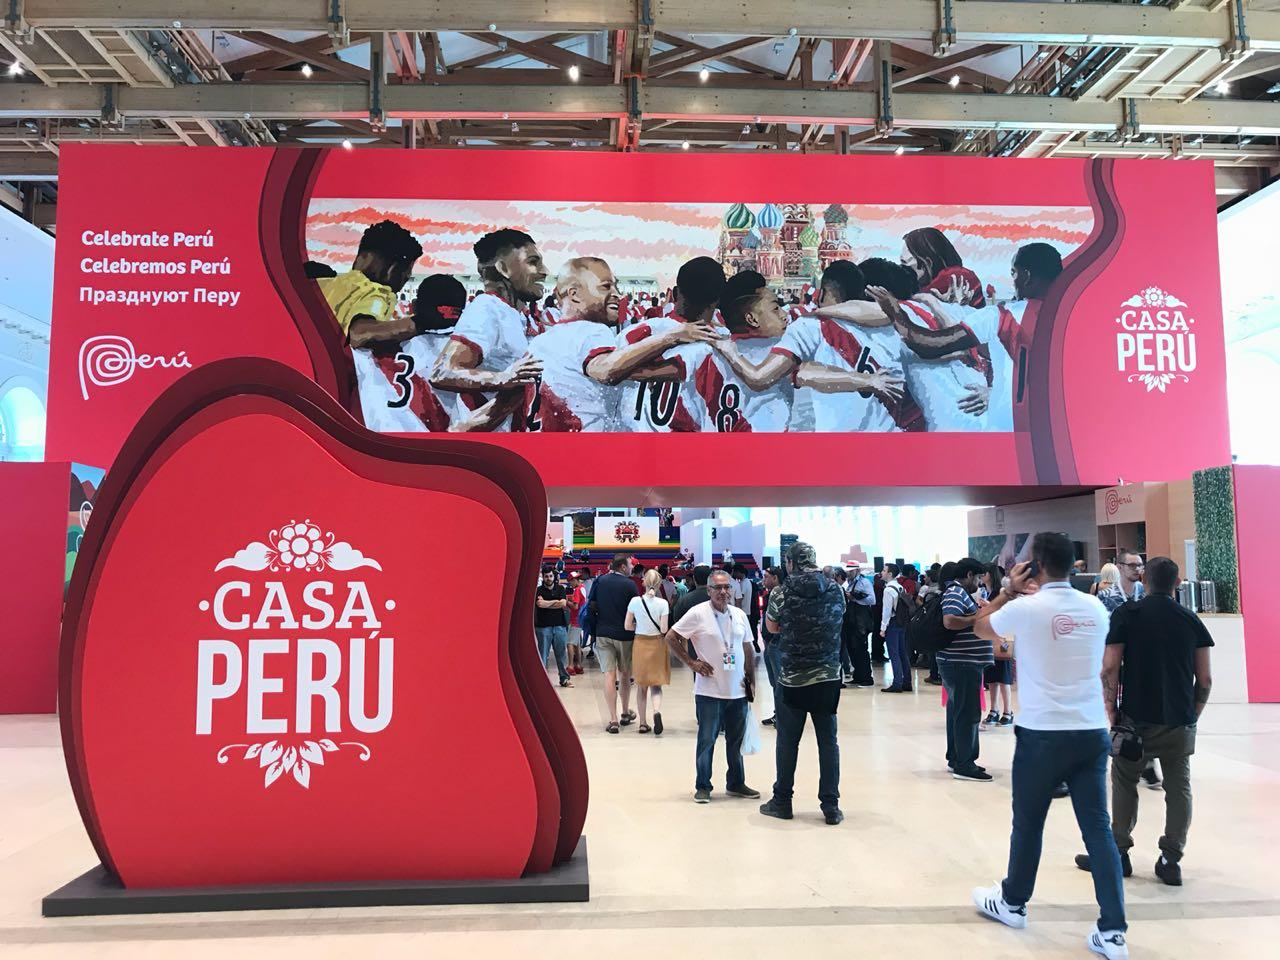 Casa Perú en Rusia - Exportación de alimentos a Rusia podría llegar a US$ 150 millones el 2019